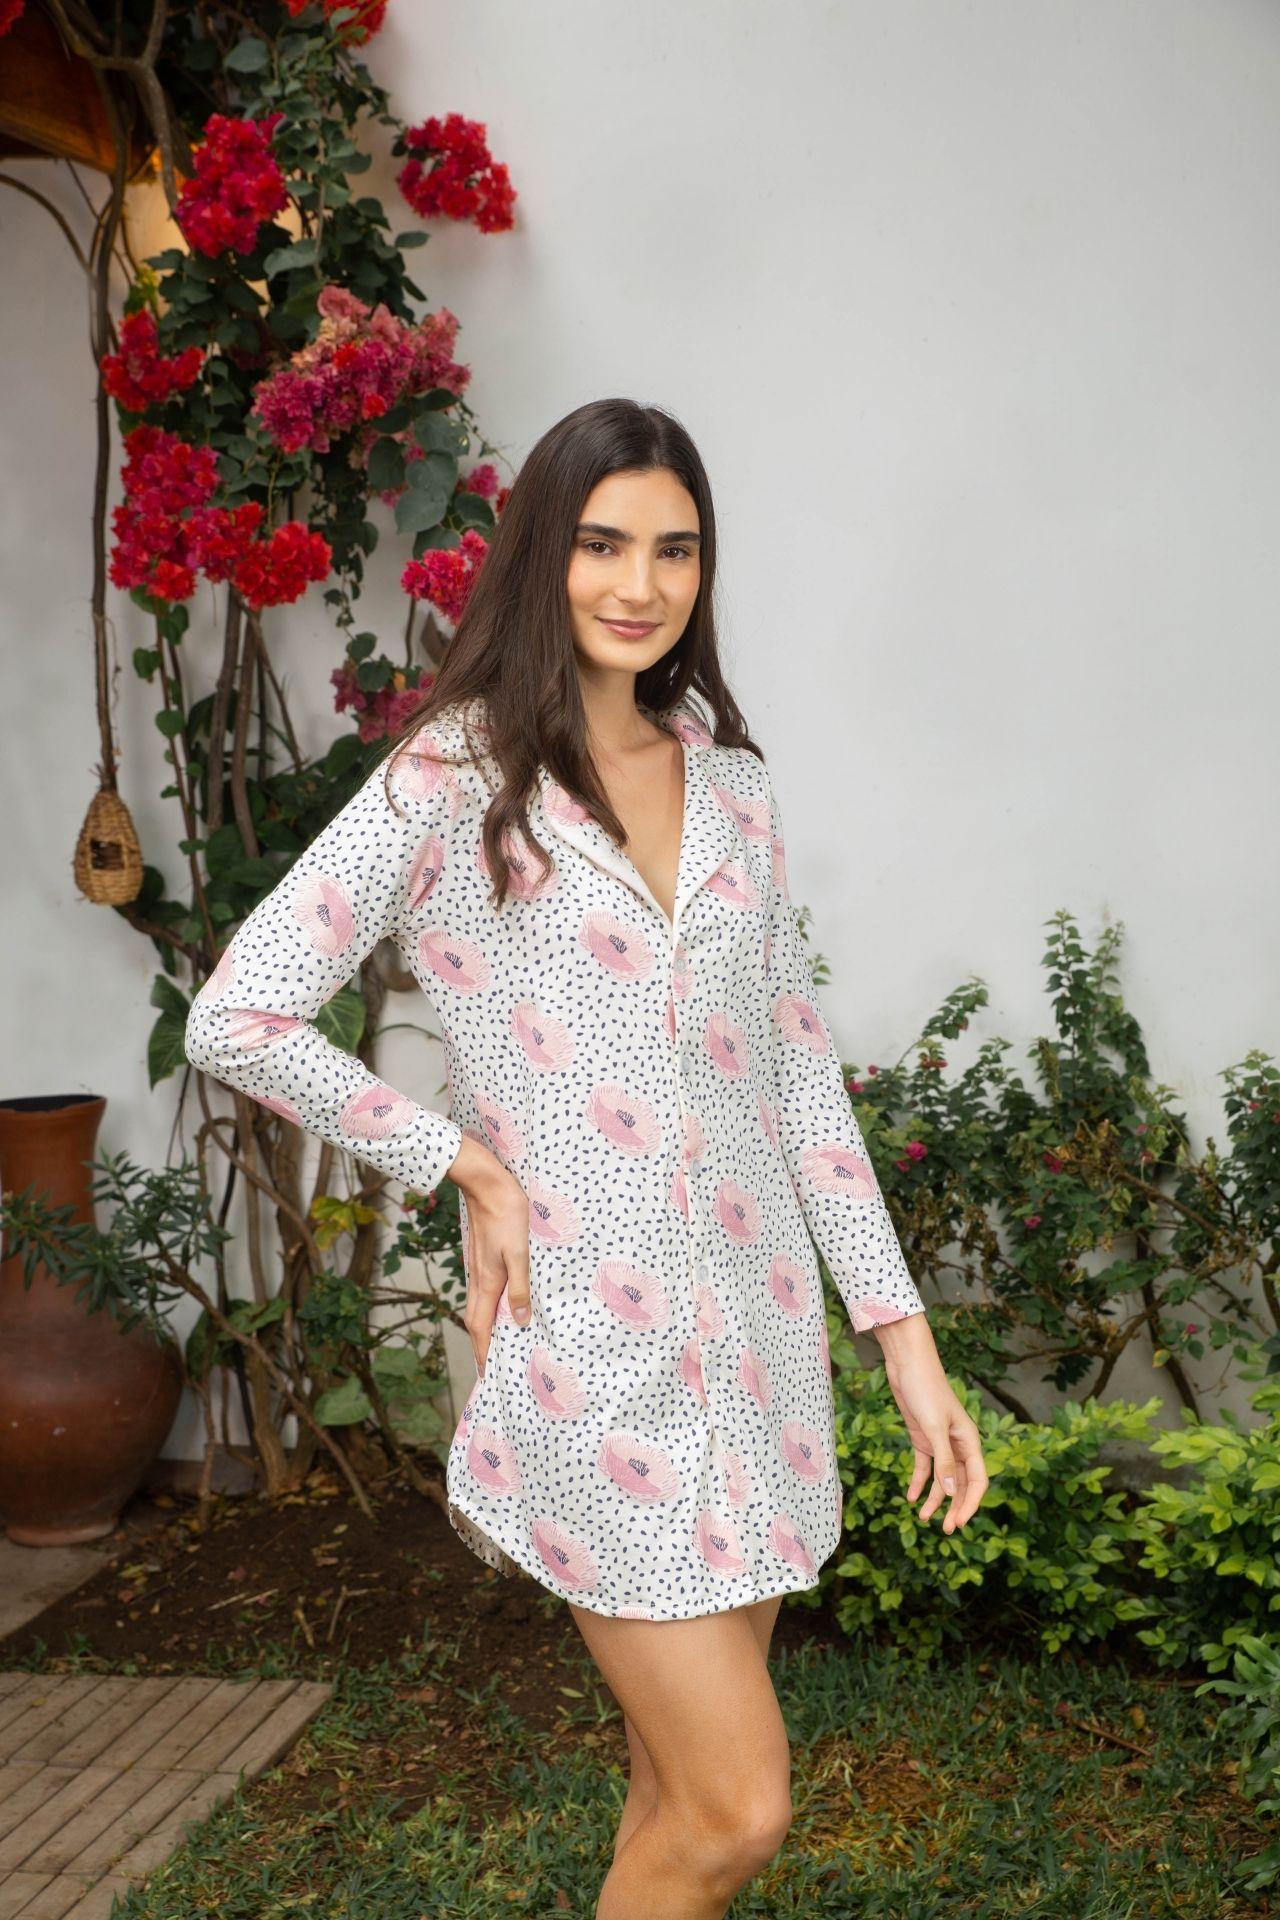 Camisón de pijama 100% algodón peruano.  El estampado es exclusivo de la marca y ha sido pintado a mano.